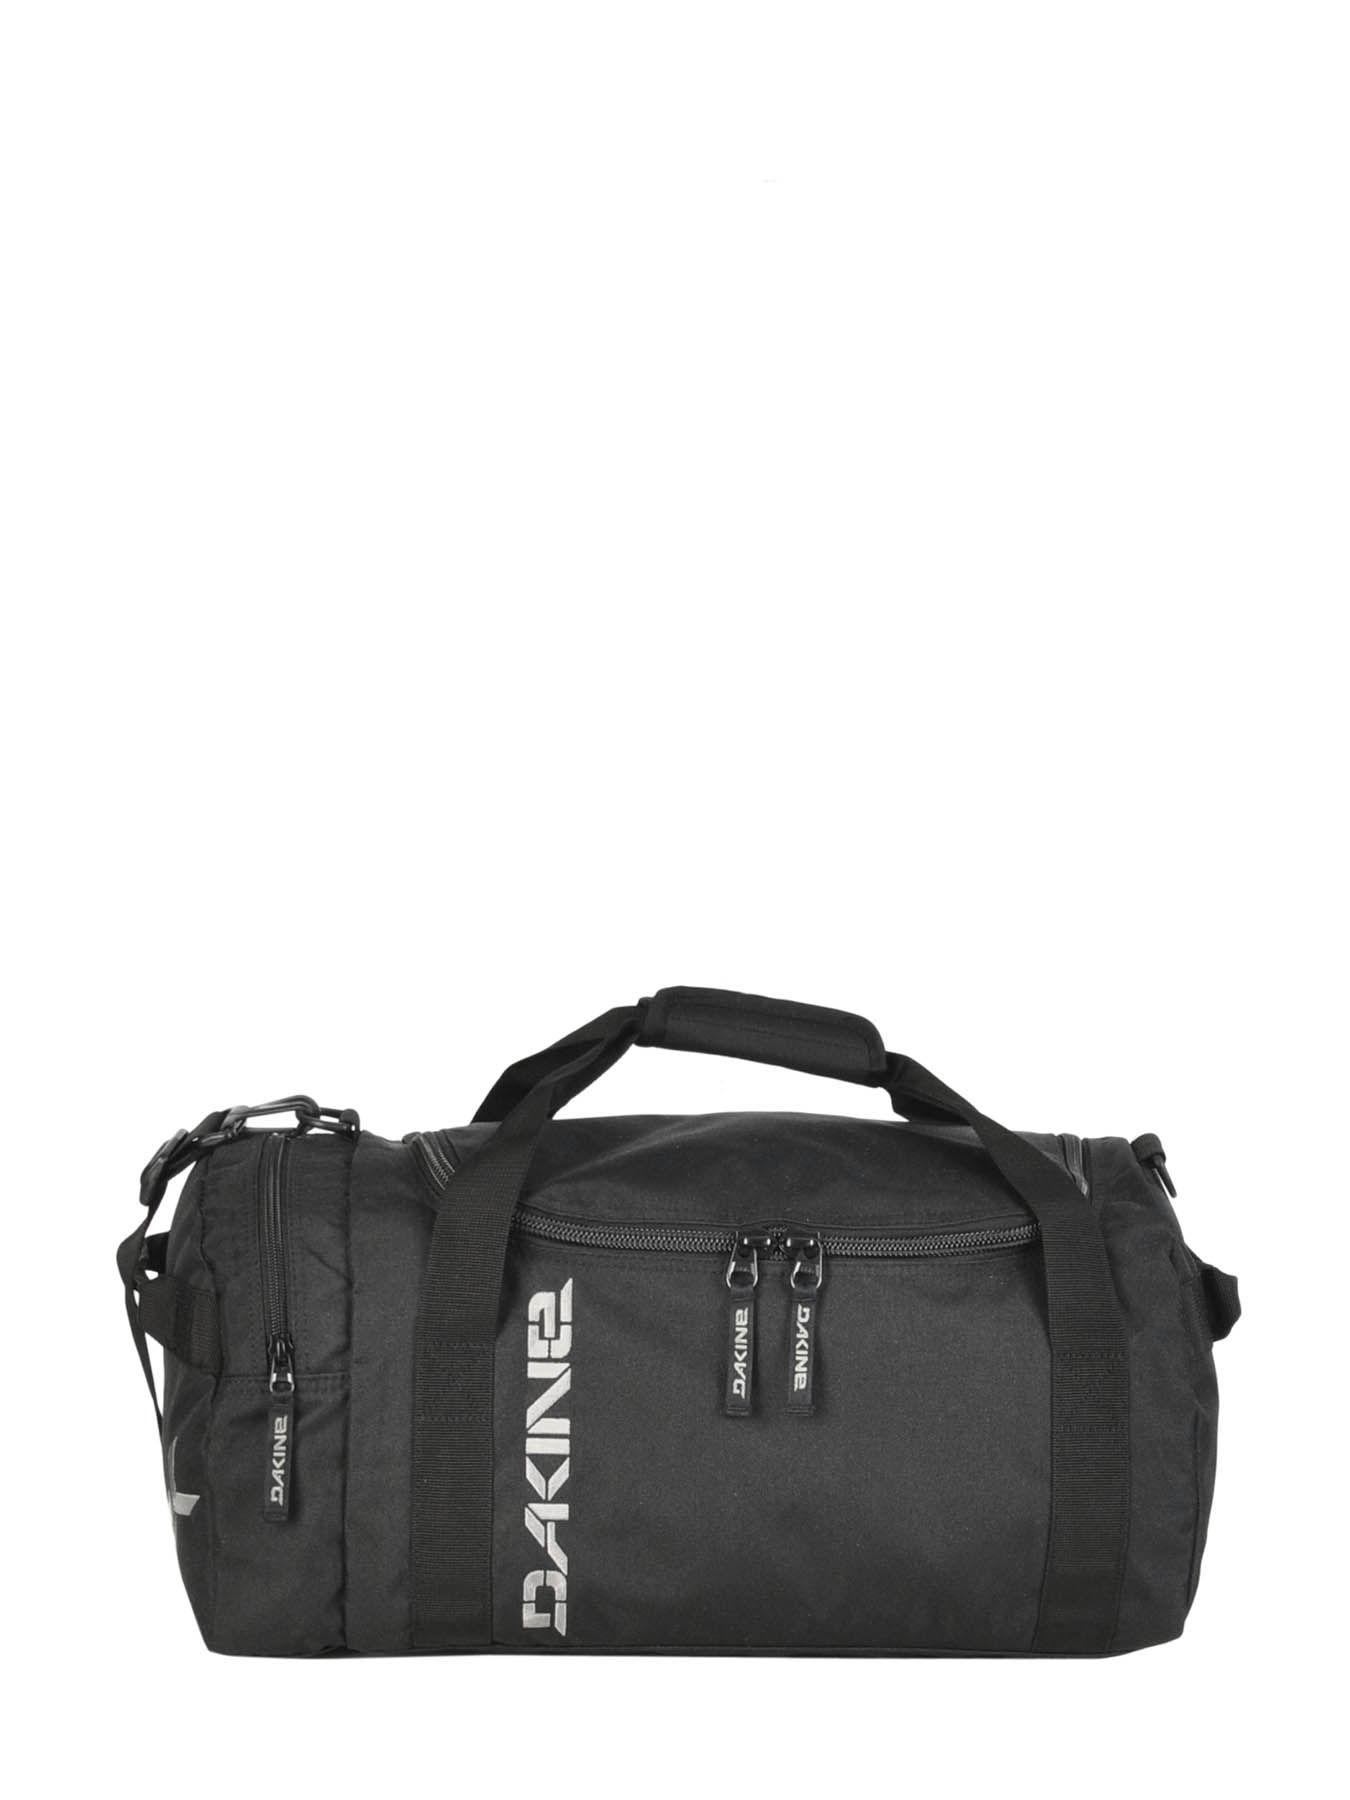 sac de voyage cabine dakine travel bags noir en vente au meilleur prix. Black Bedroom Furniture Sets. Home Design Ideas